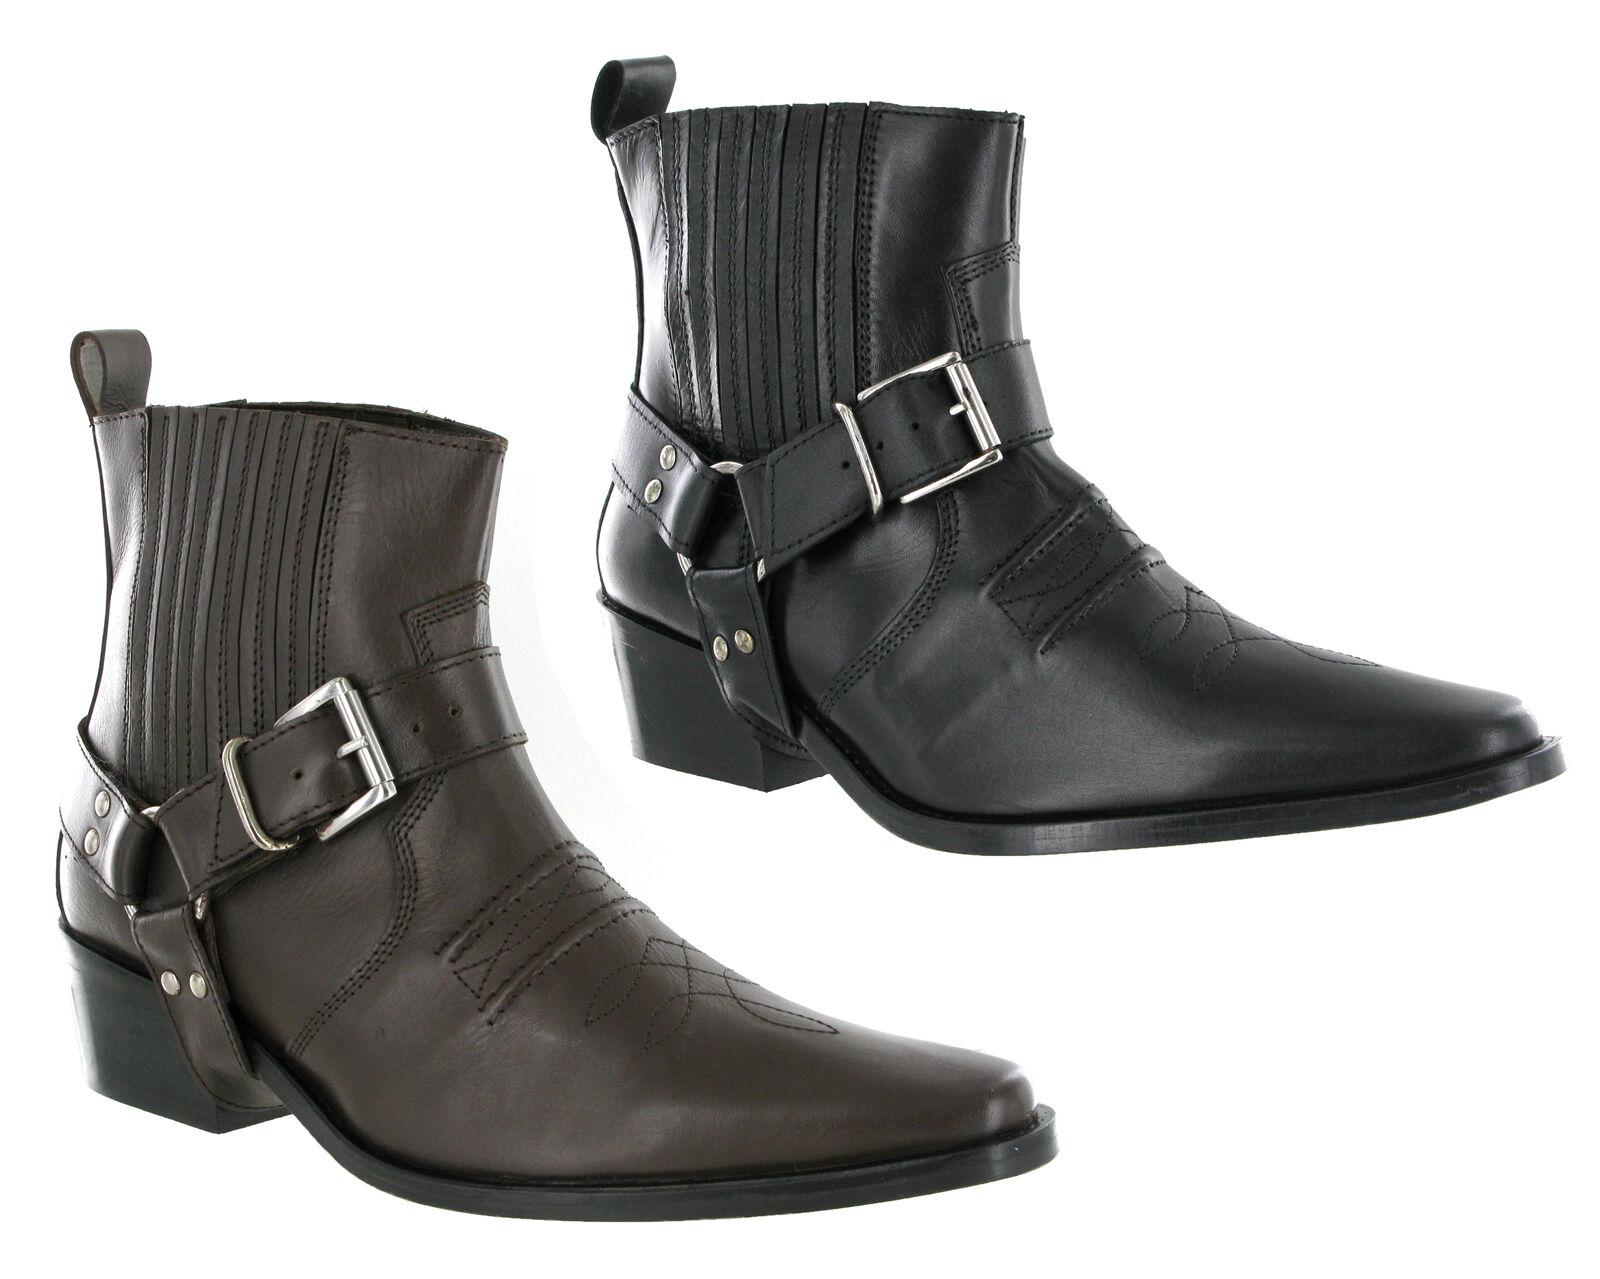 Para Hombre gringos Clive Cuero tire a Western arnés Tobillo botas de vaquero del Reino Unido 6-12